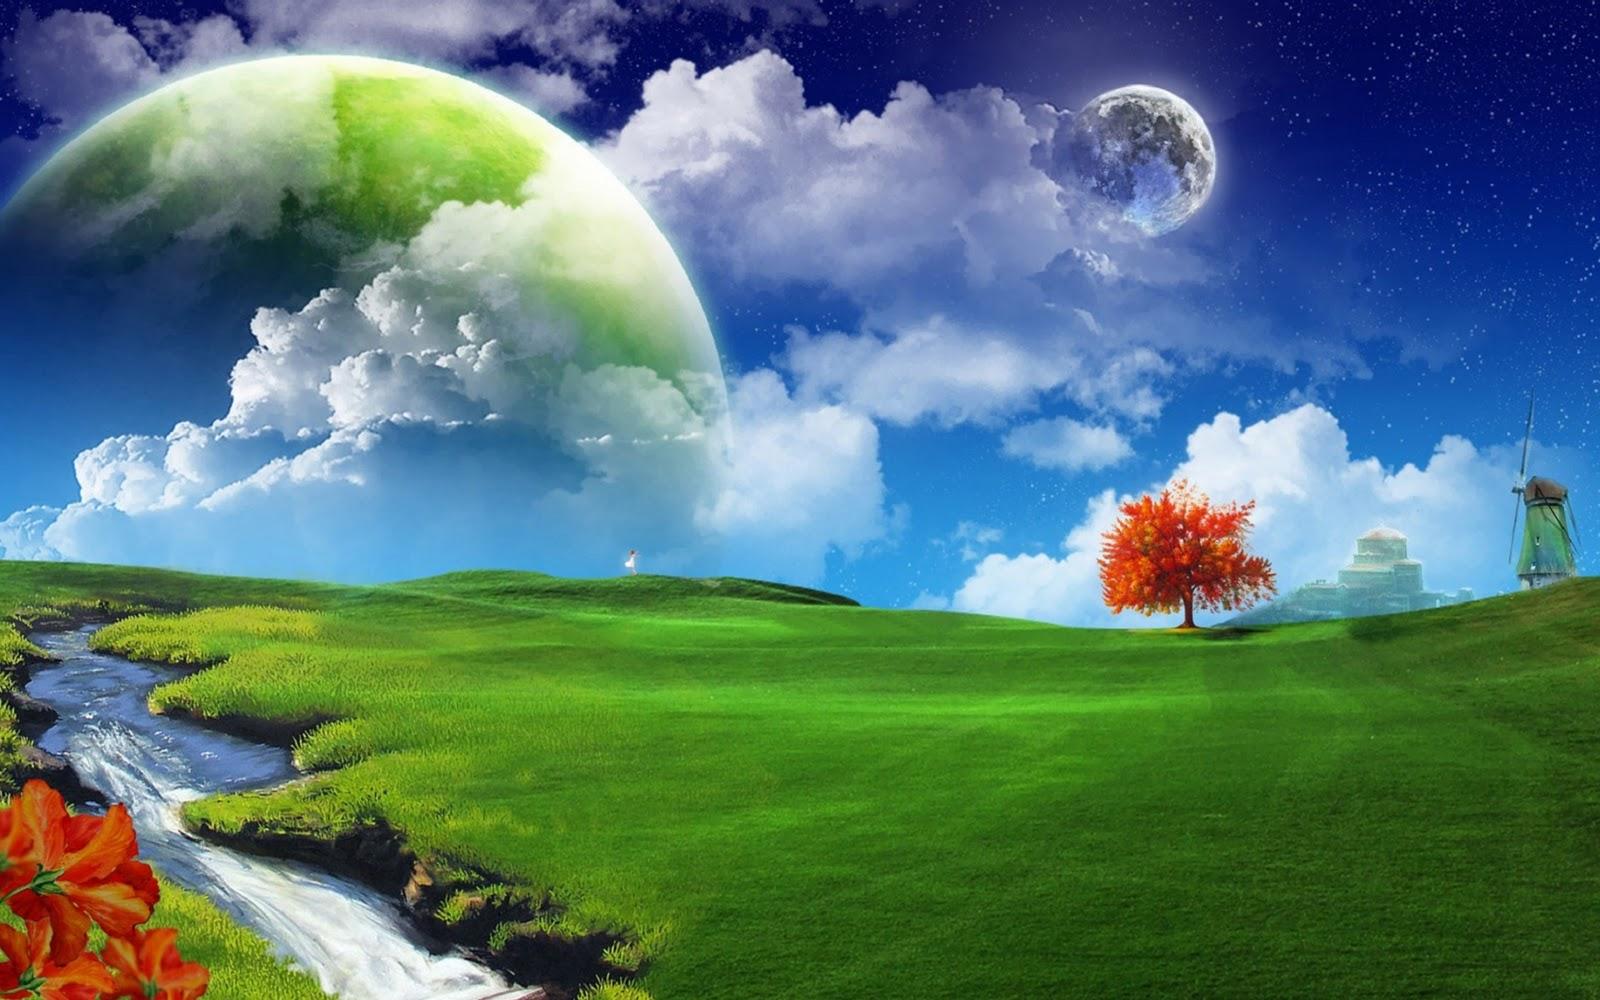 http://2.bp.blogspot.com/_8_CLn-I1Tfc/TU_4IyKWSKI/AAAAAAAABzI/sEplX-2f-no/s1600/free+wallpapers.jpg